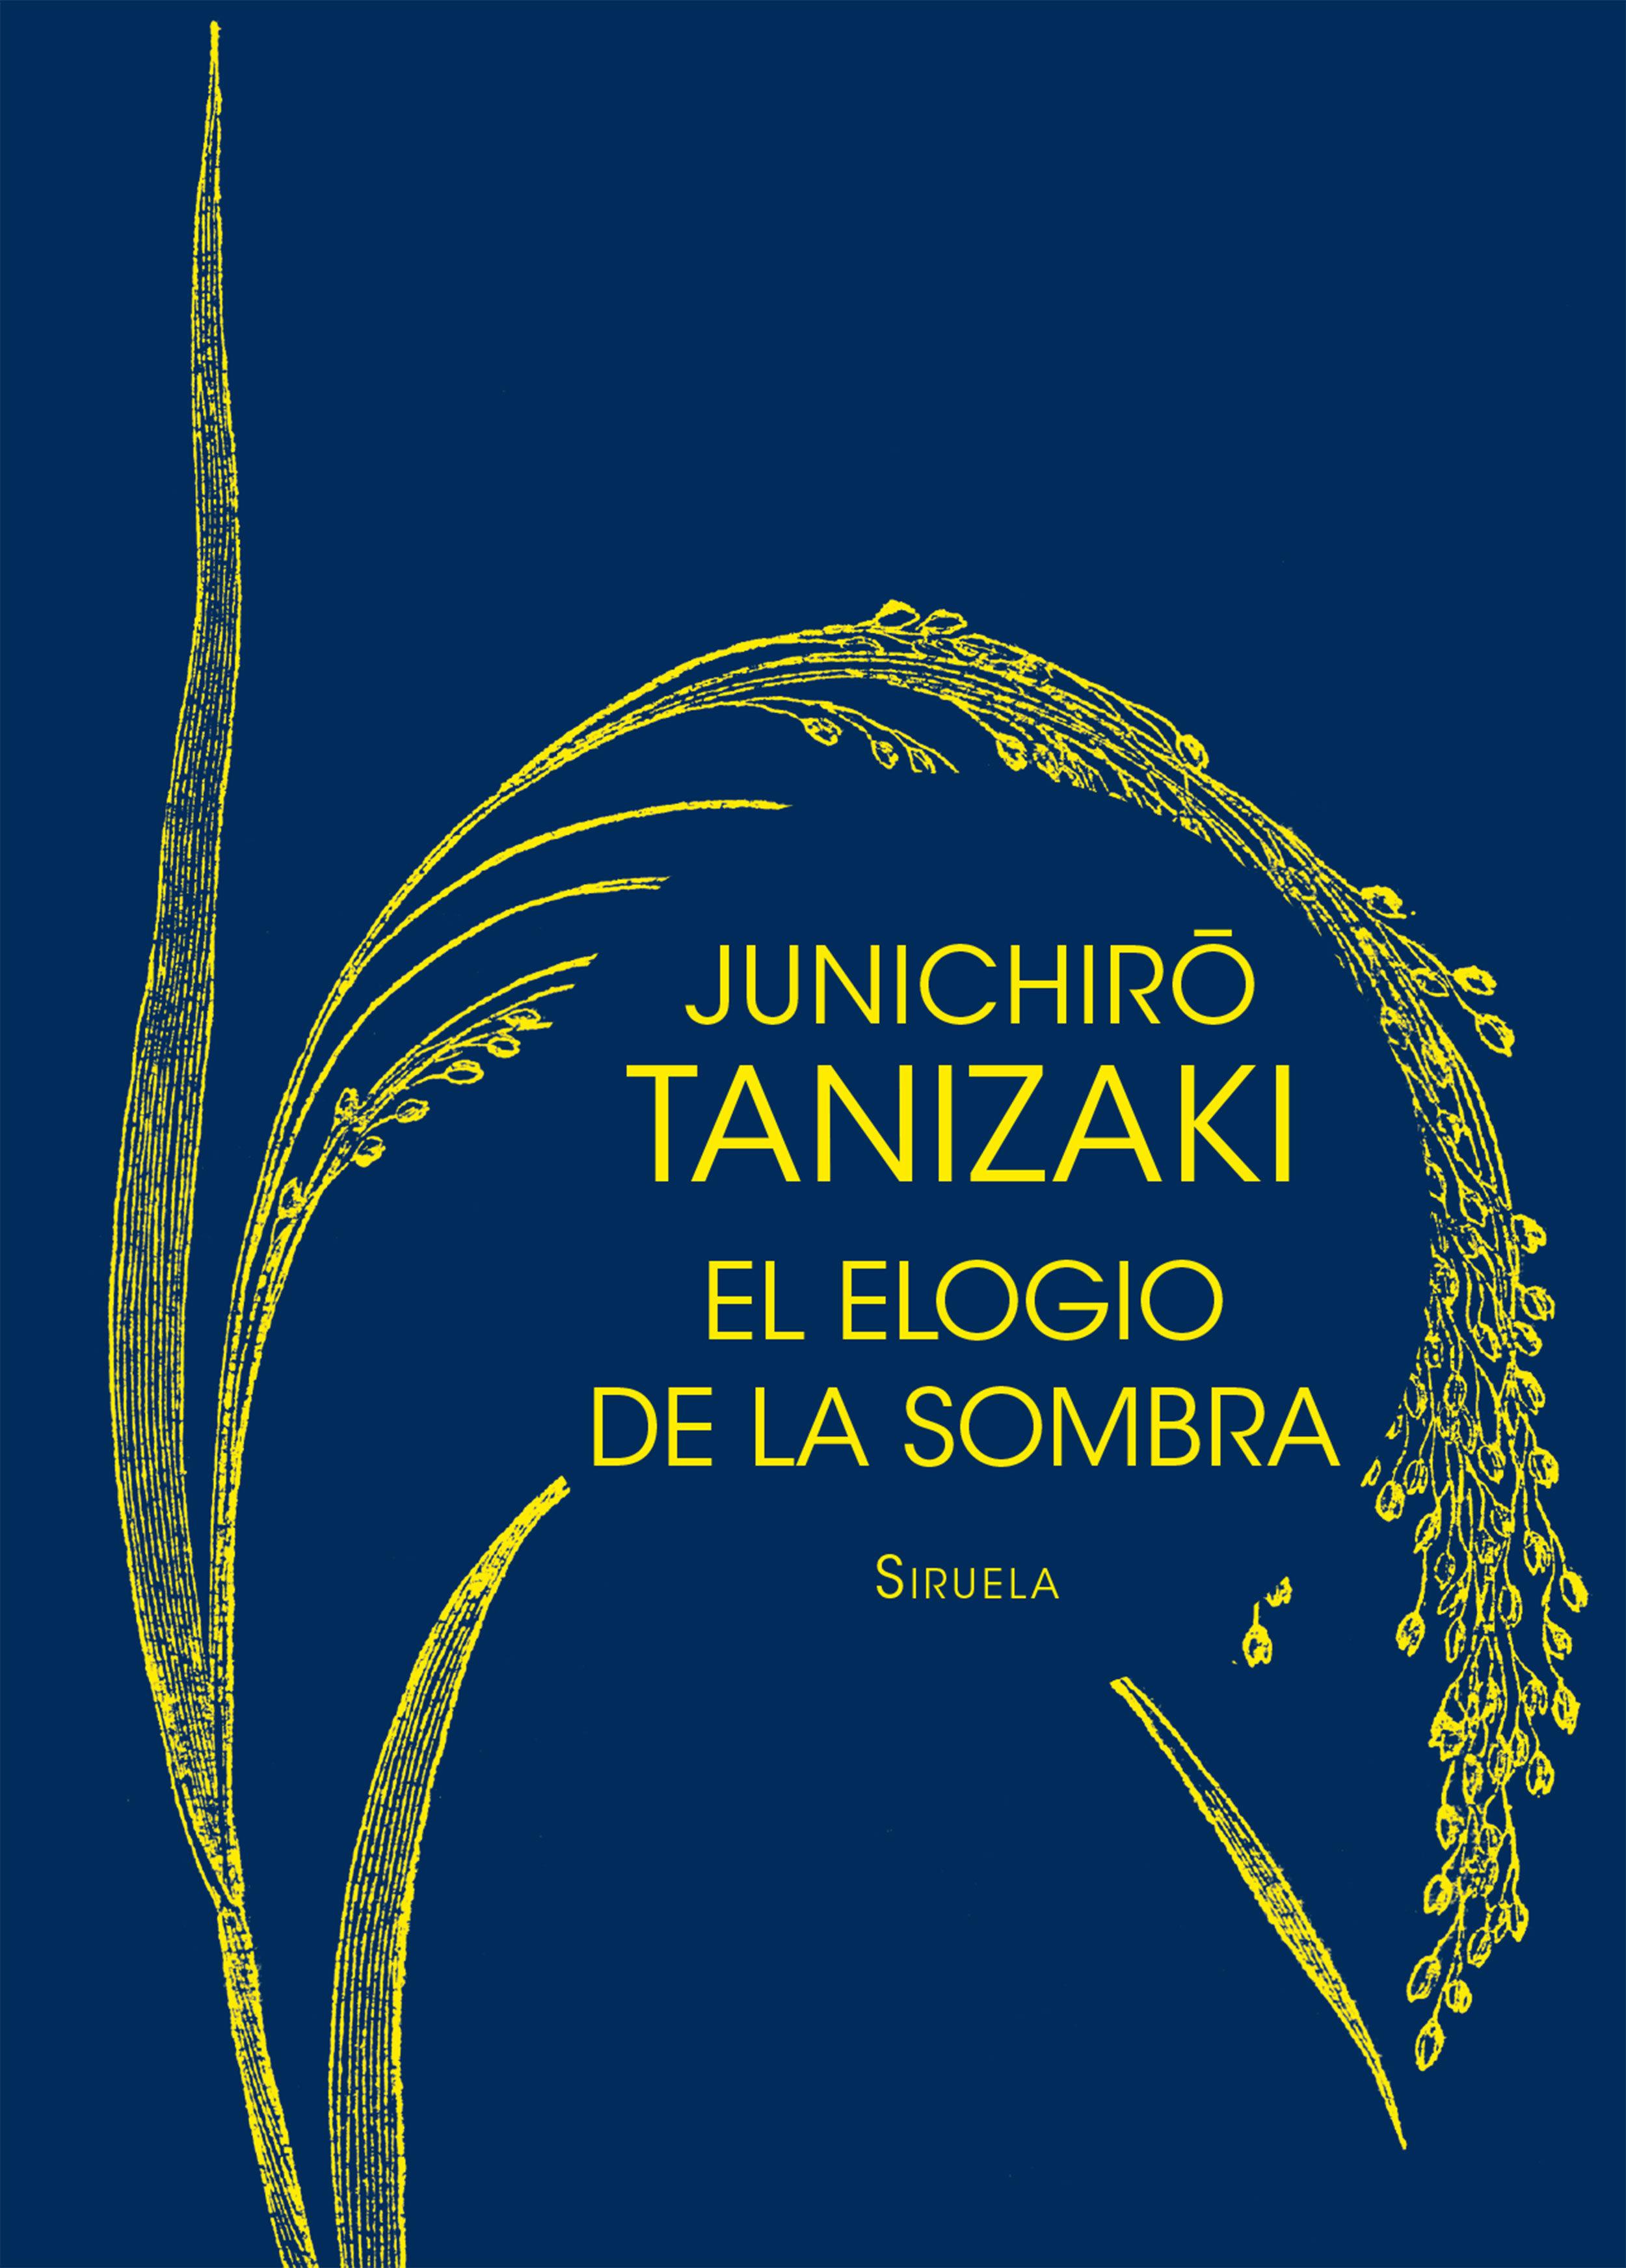 elogio de la sombra tanizaki